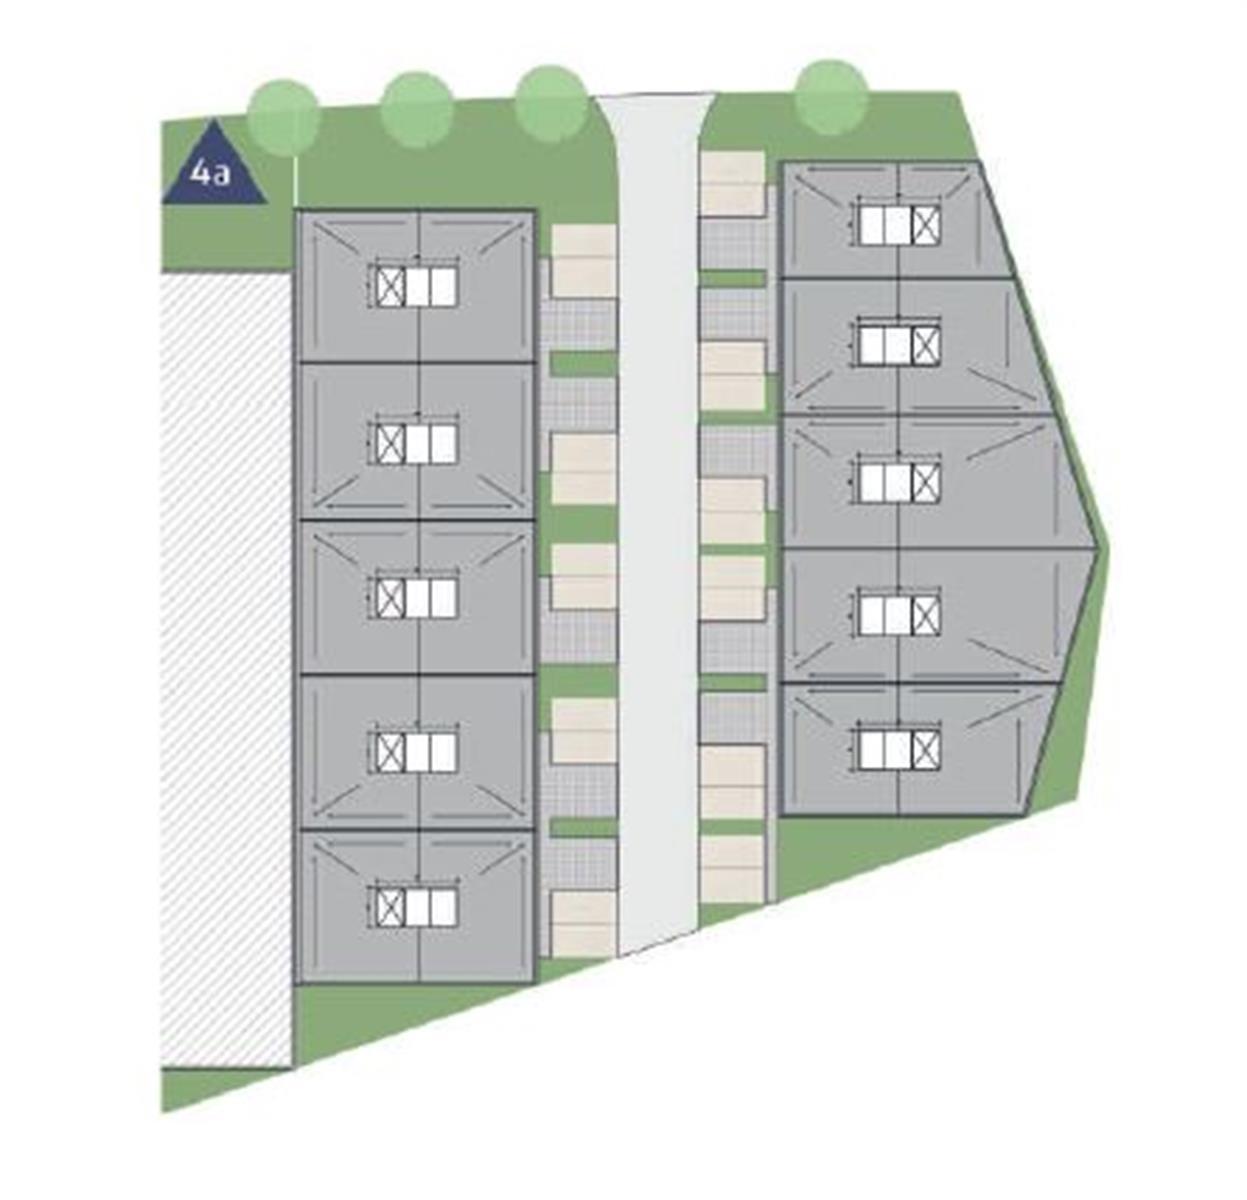 KMO-unit verkocht UNIT 4.2.1 Bollaarstraat 6